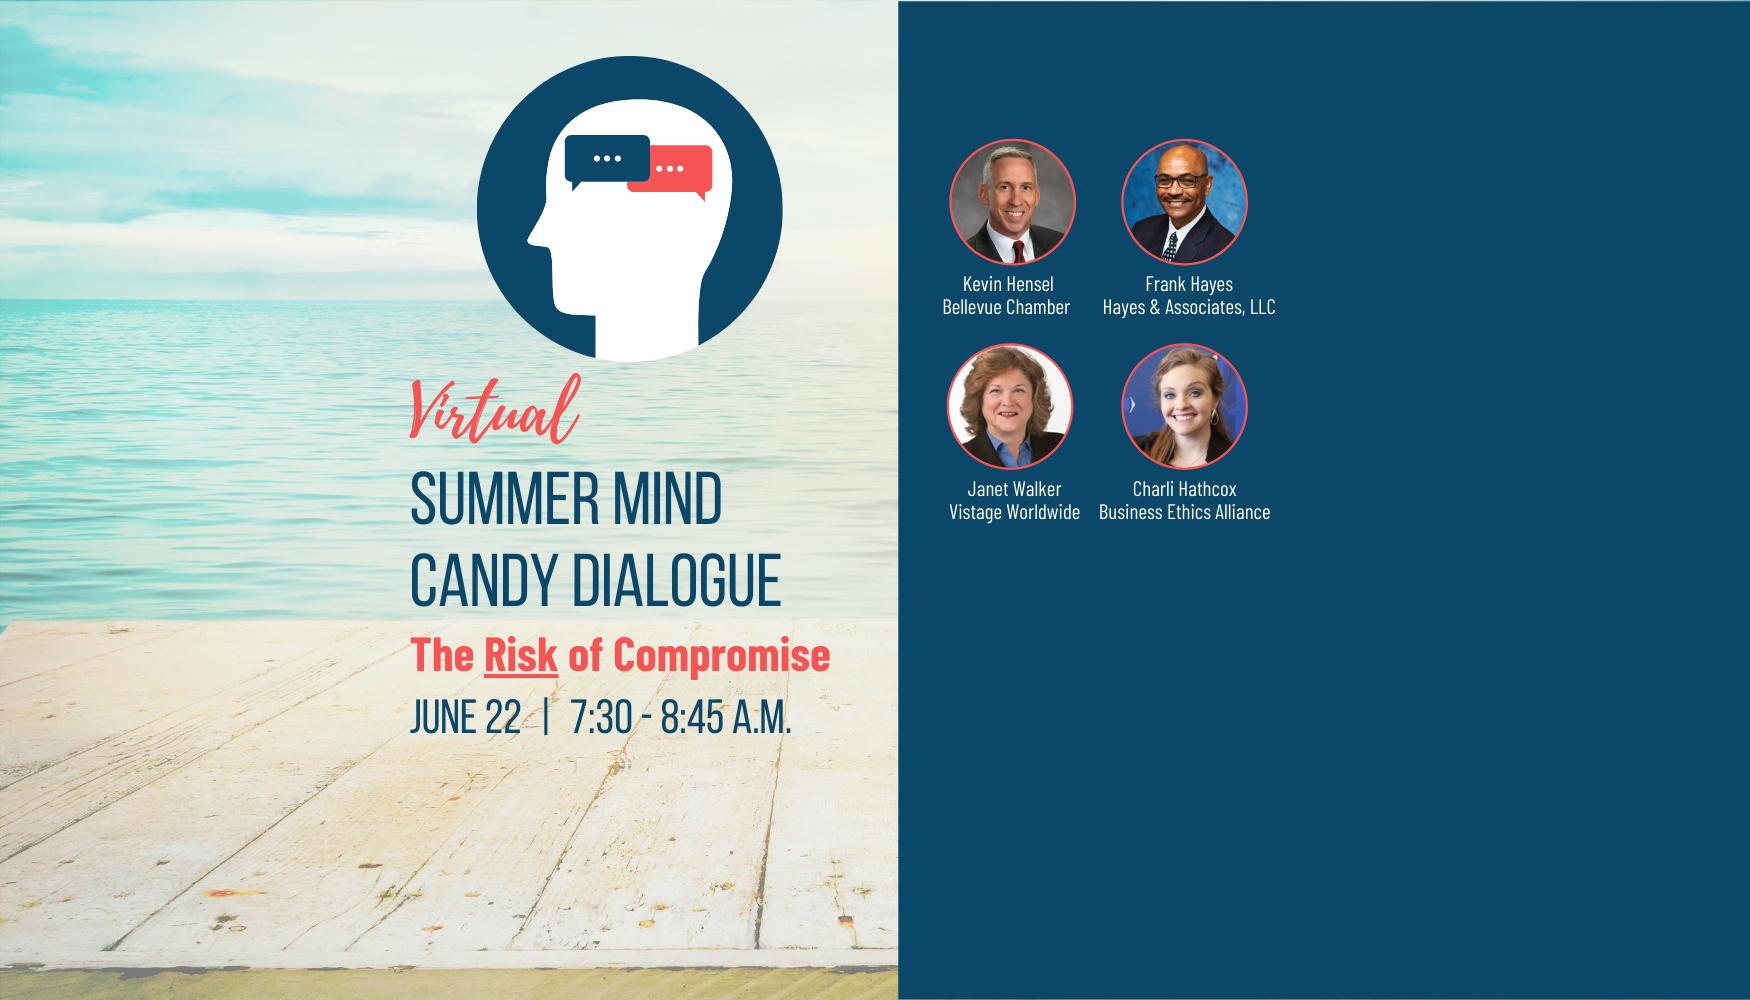 Summer Mind Candy Dialogue